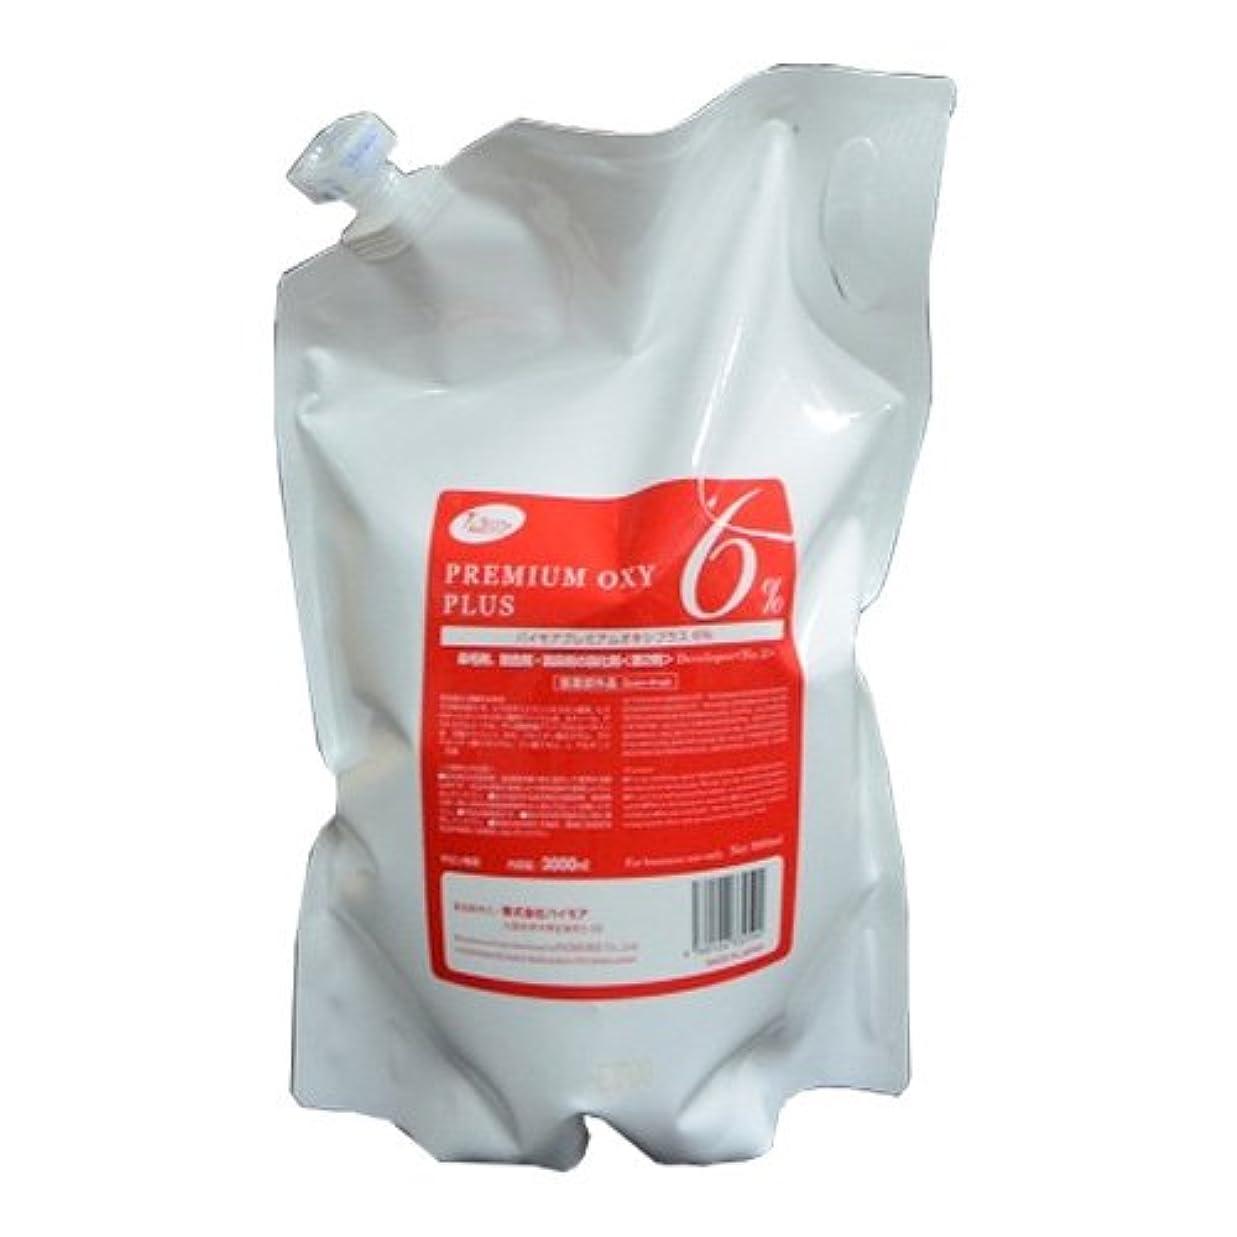 敬の念別の食品パイモア プレミアムオキシプラス 6%(レフィルタイプ) 3000ml [医薬部外品]